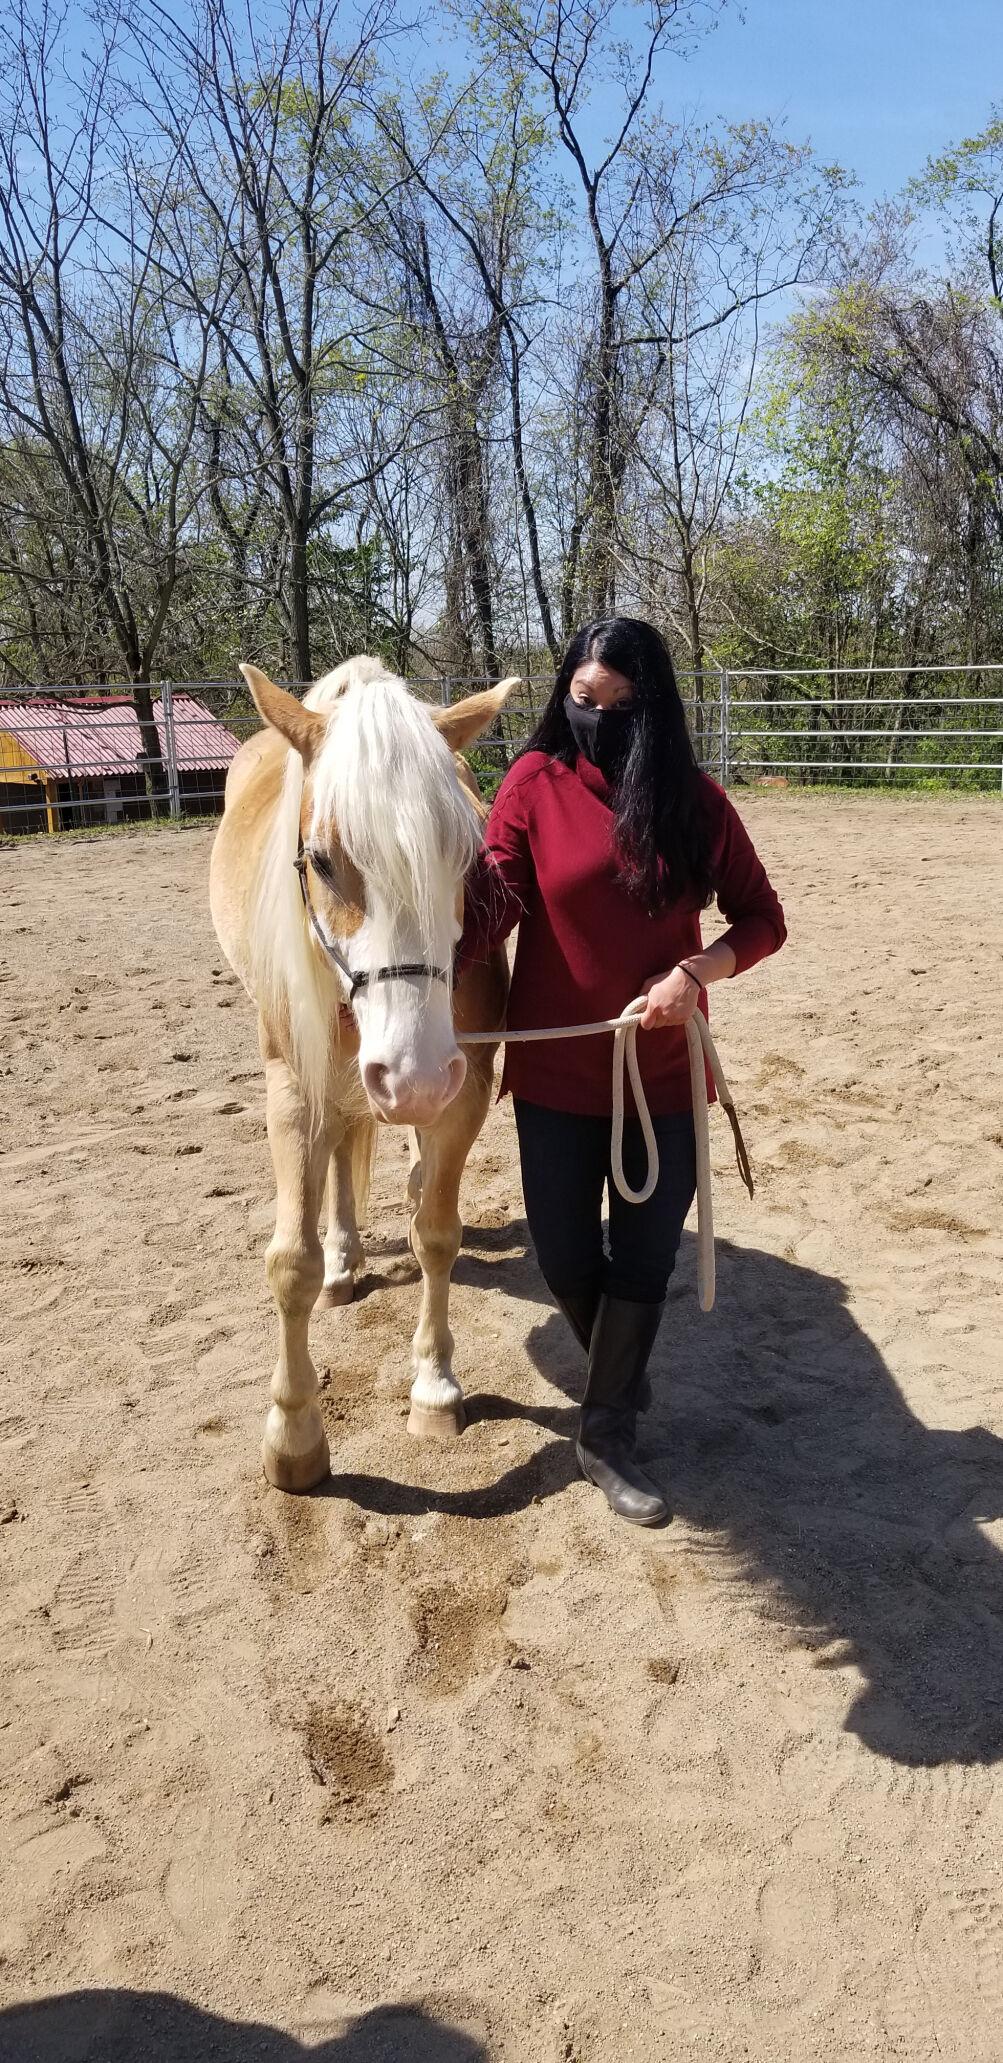 20210623_cbg_horses for hope2.jpg